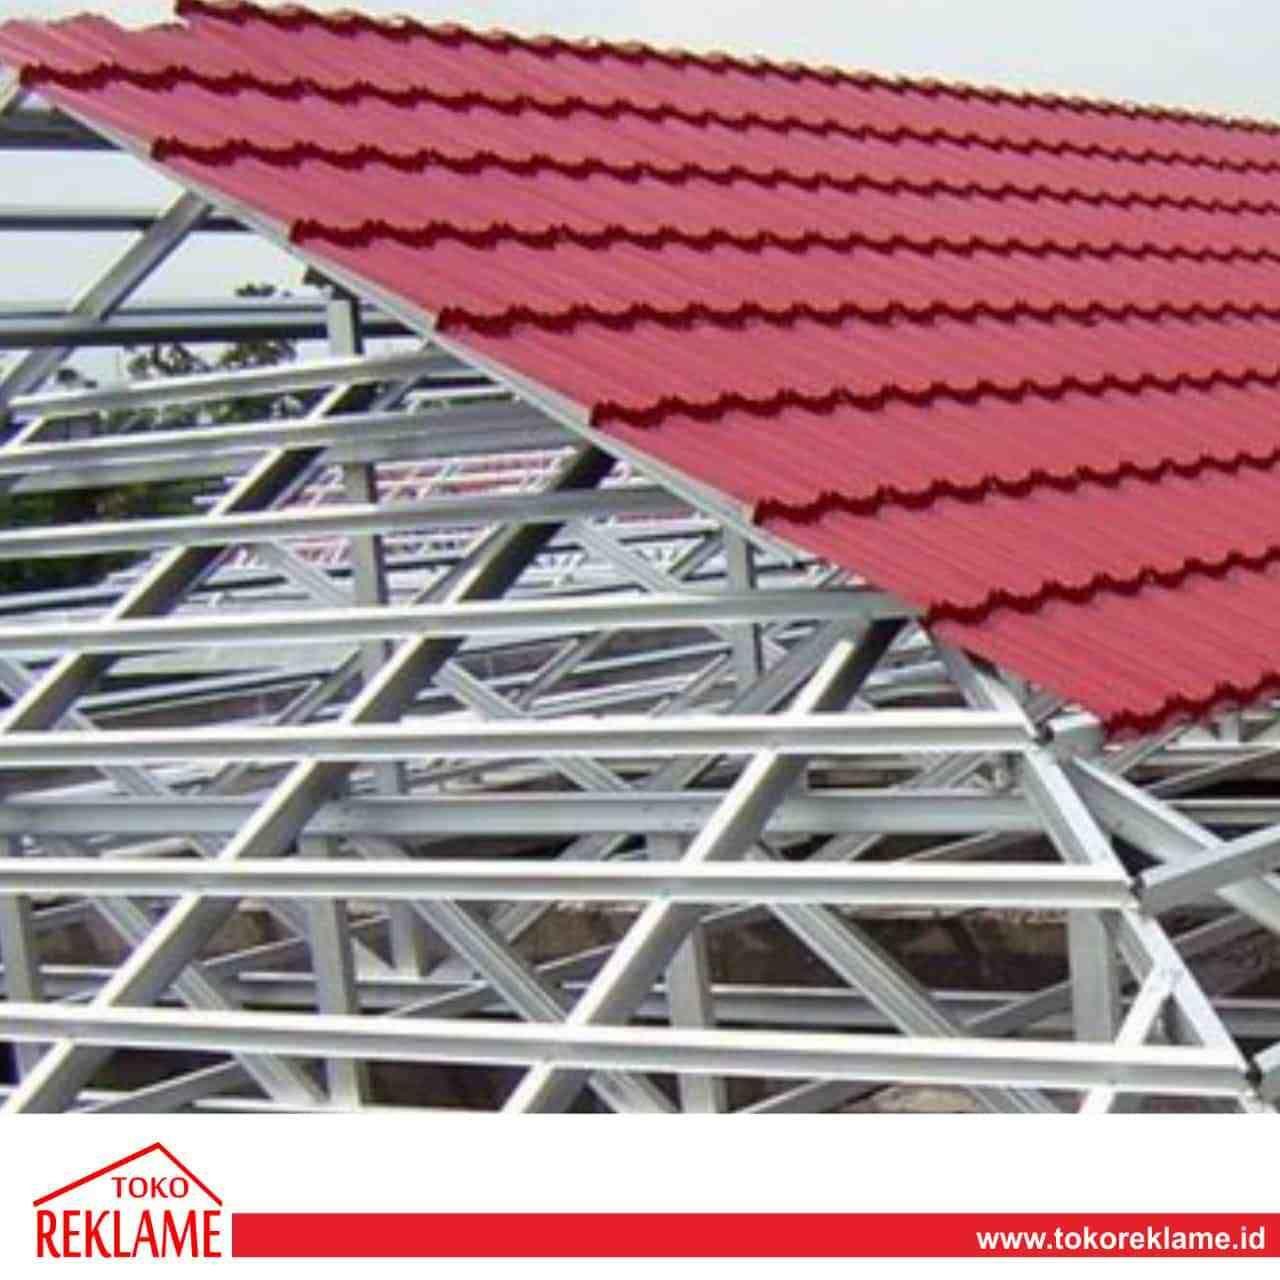 spesifikasi baja ringan untuk atap kirim pesan ke penjual jasa produksi kanopi di palu